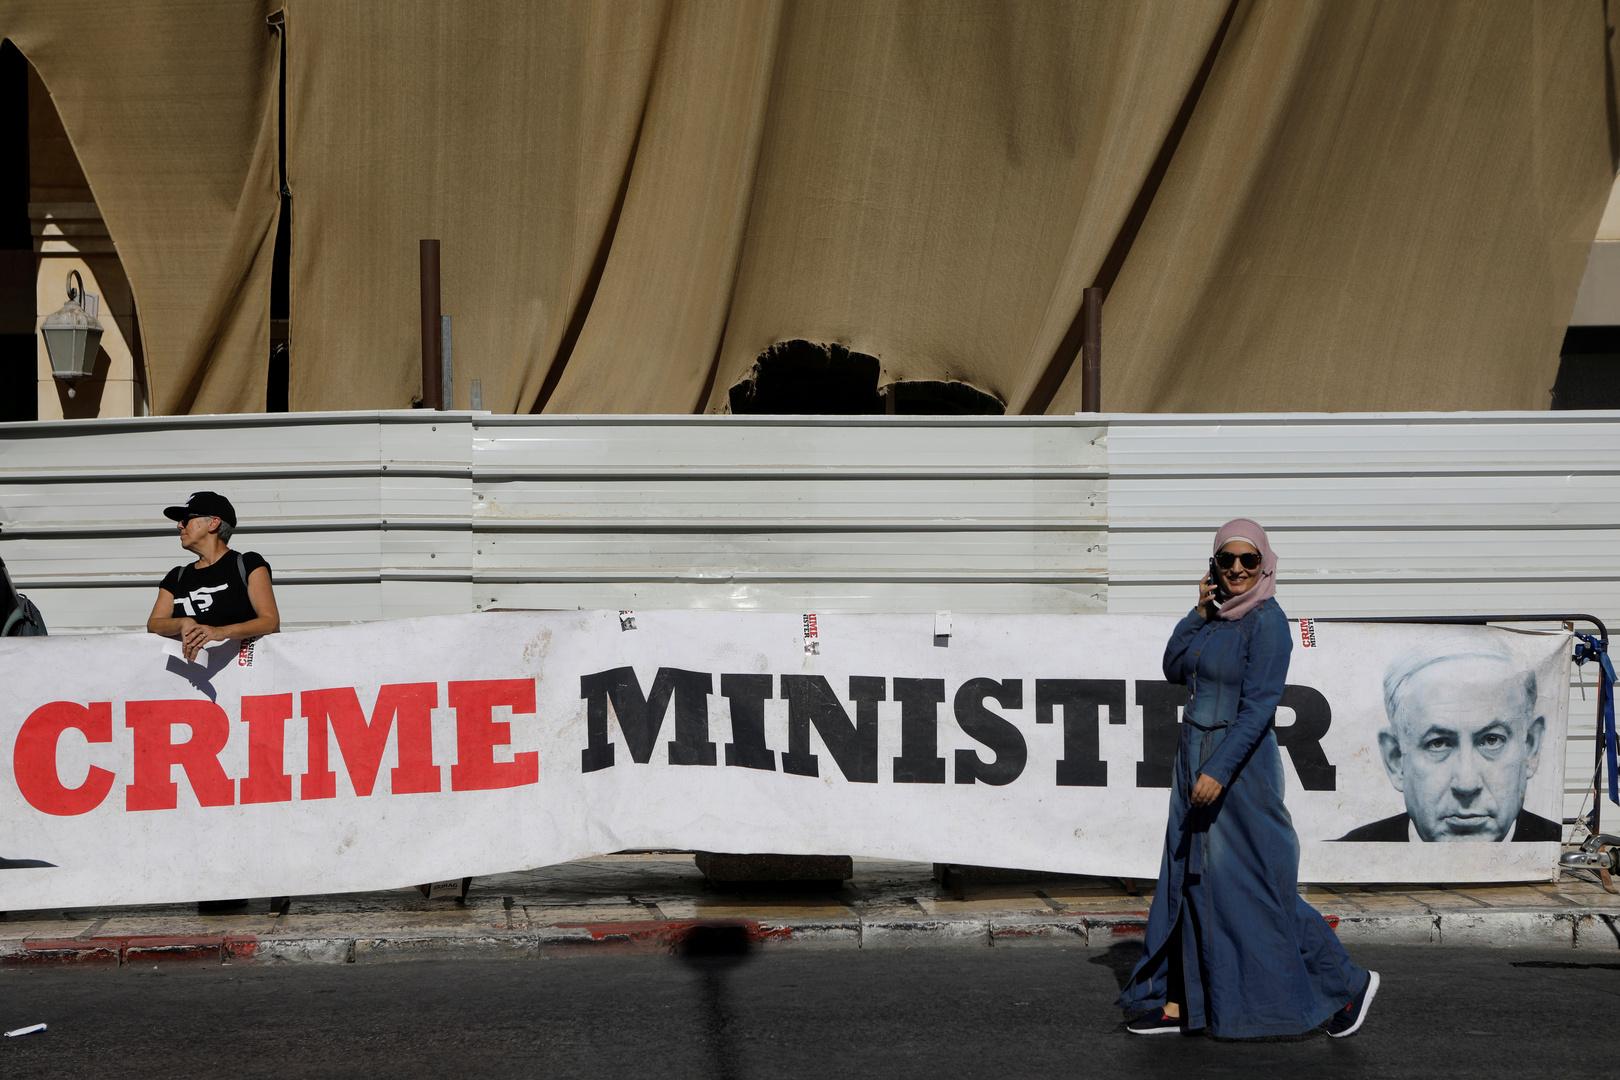 بسبب كمامات.. تأجيل محاكمة نتنياهو حتى يناير